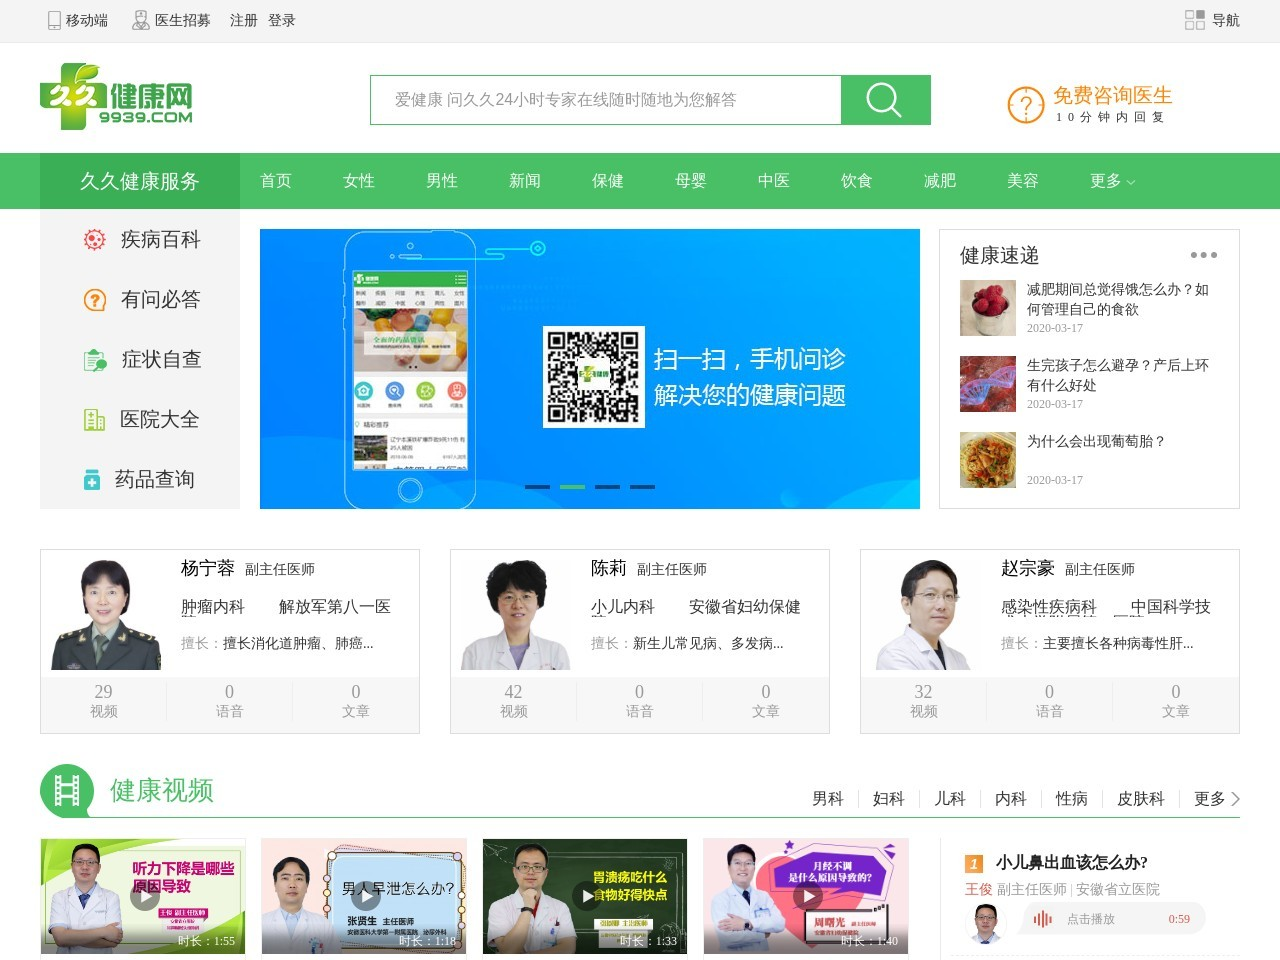 久久健康网-权威医疗健康知识门户网站9939.com